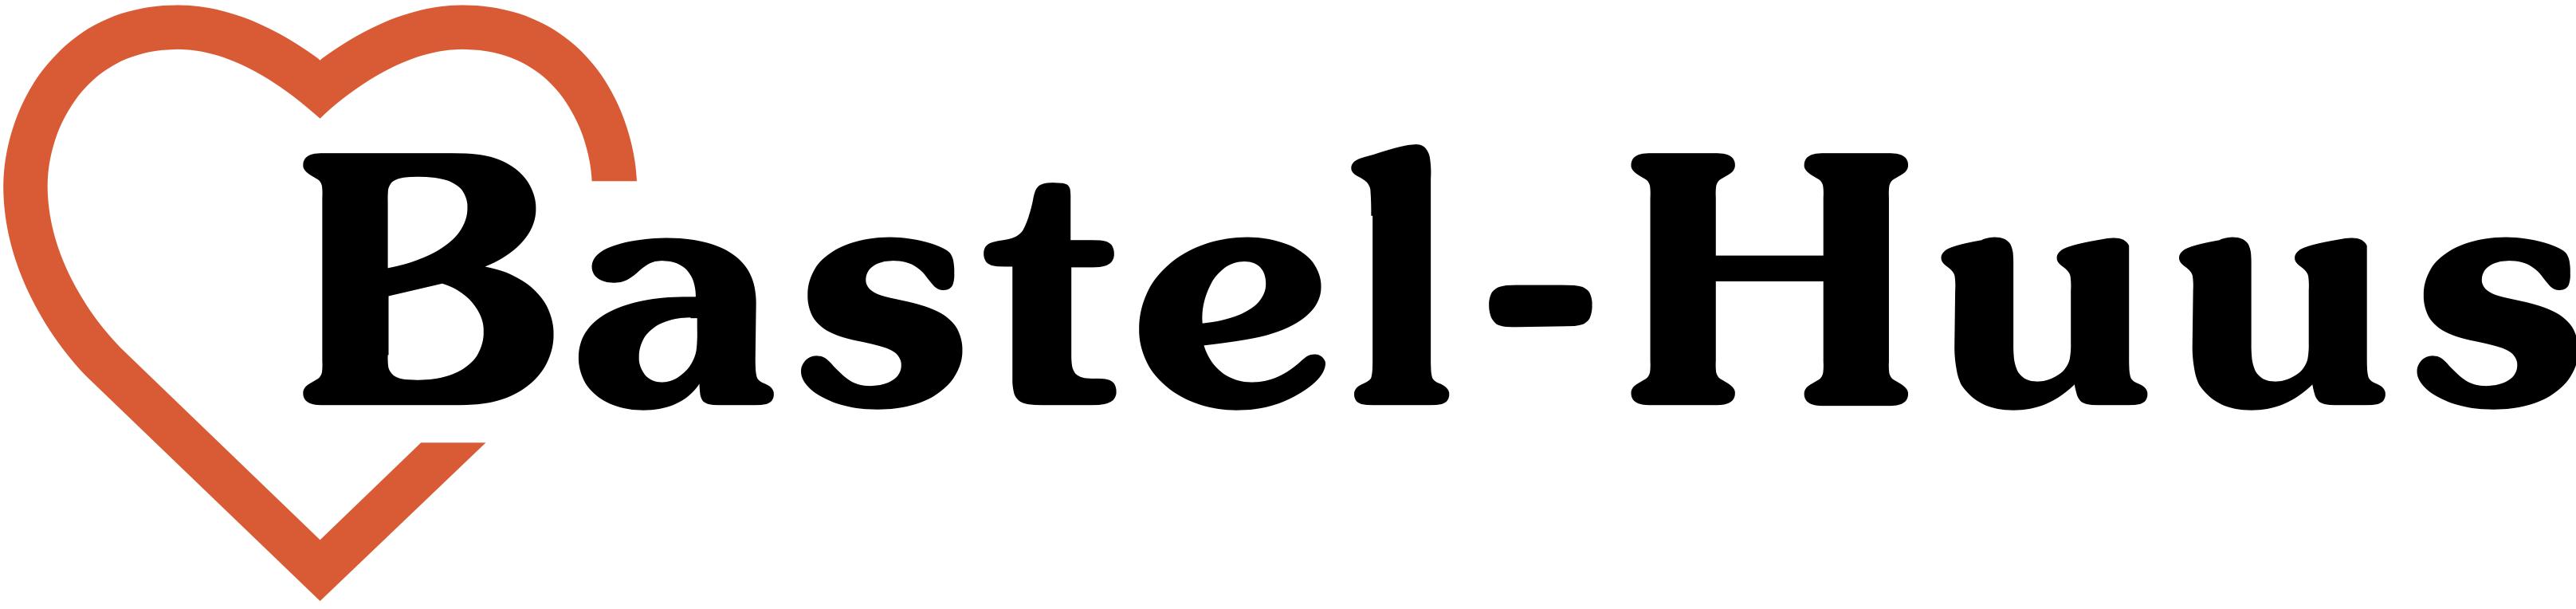 Bastel-Huus Amsler